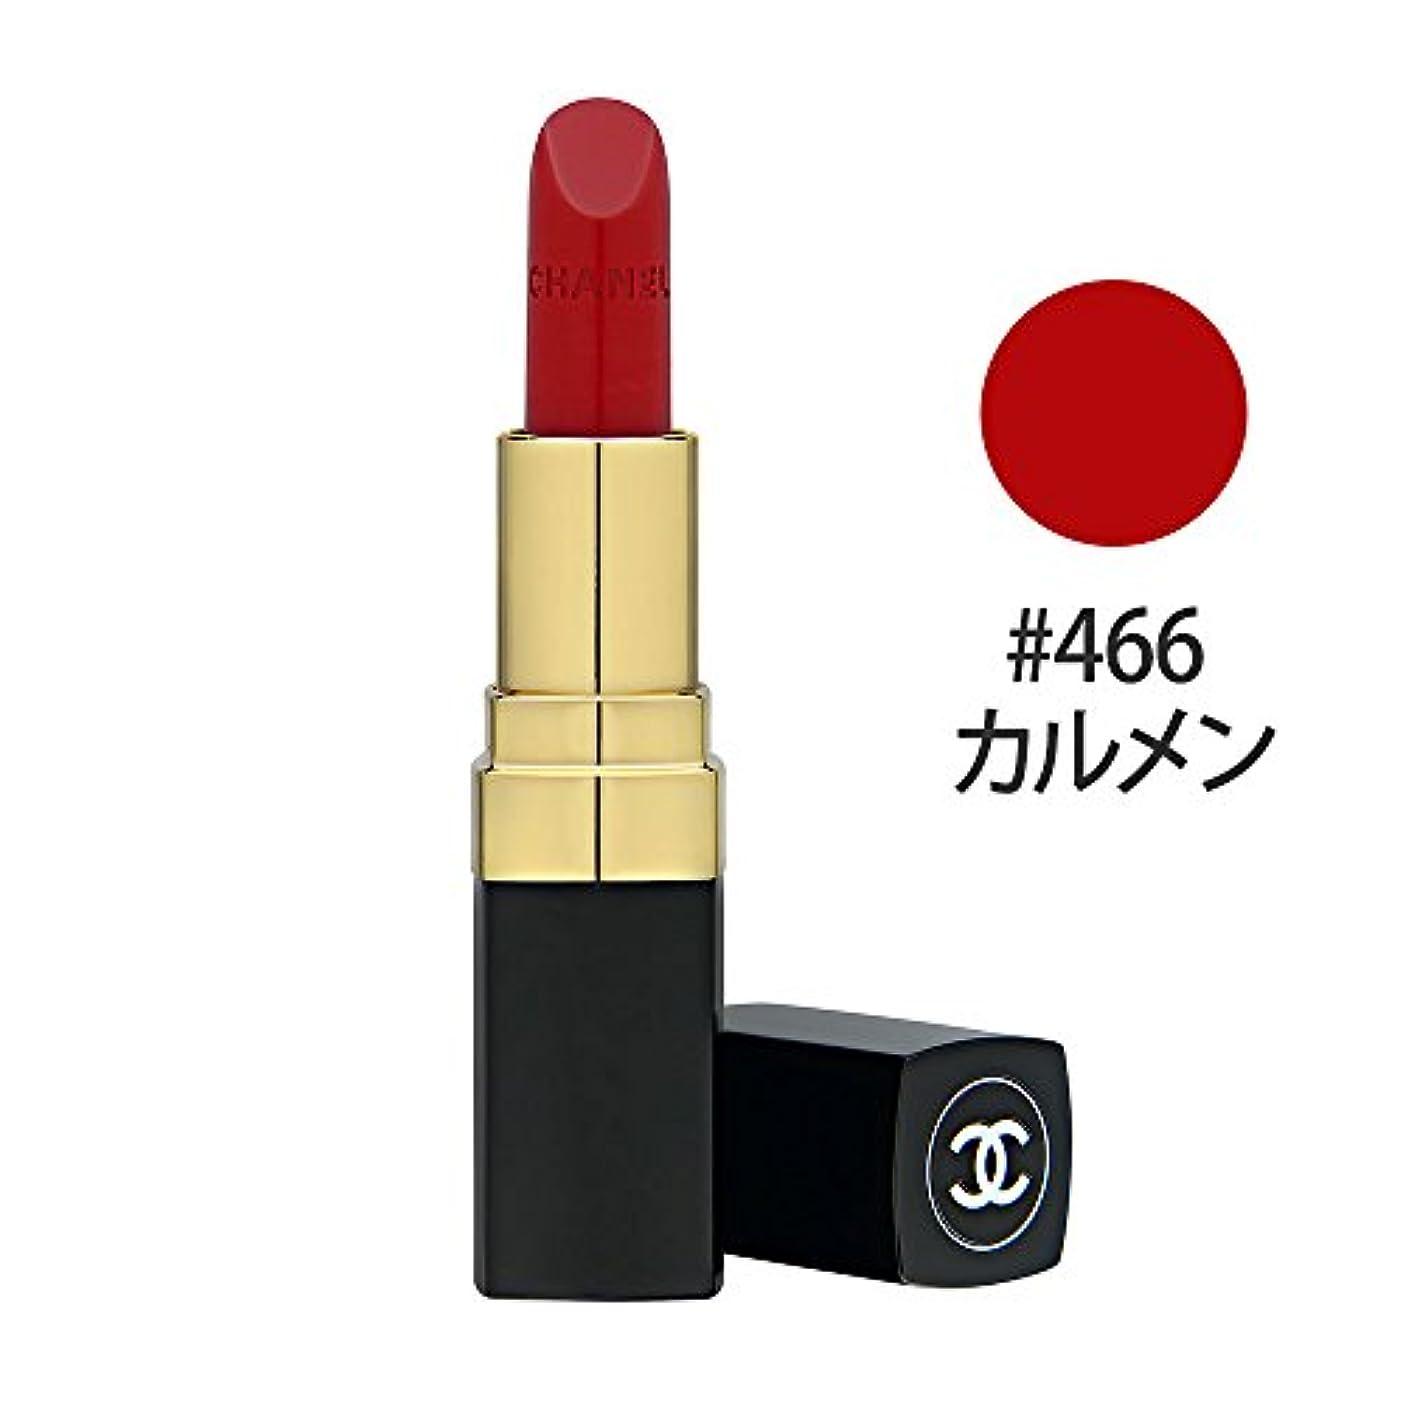 交換可能逆説維持する【シャネル】ルージュ ココ #466 カルメン 3.5g [並行輸入品]